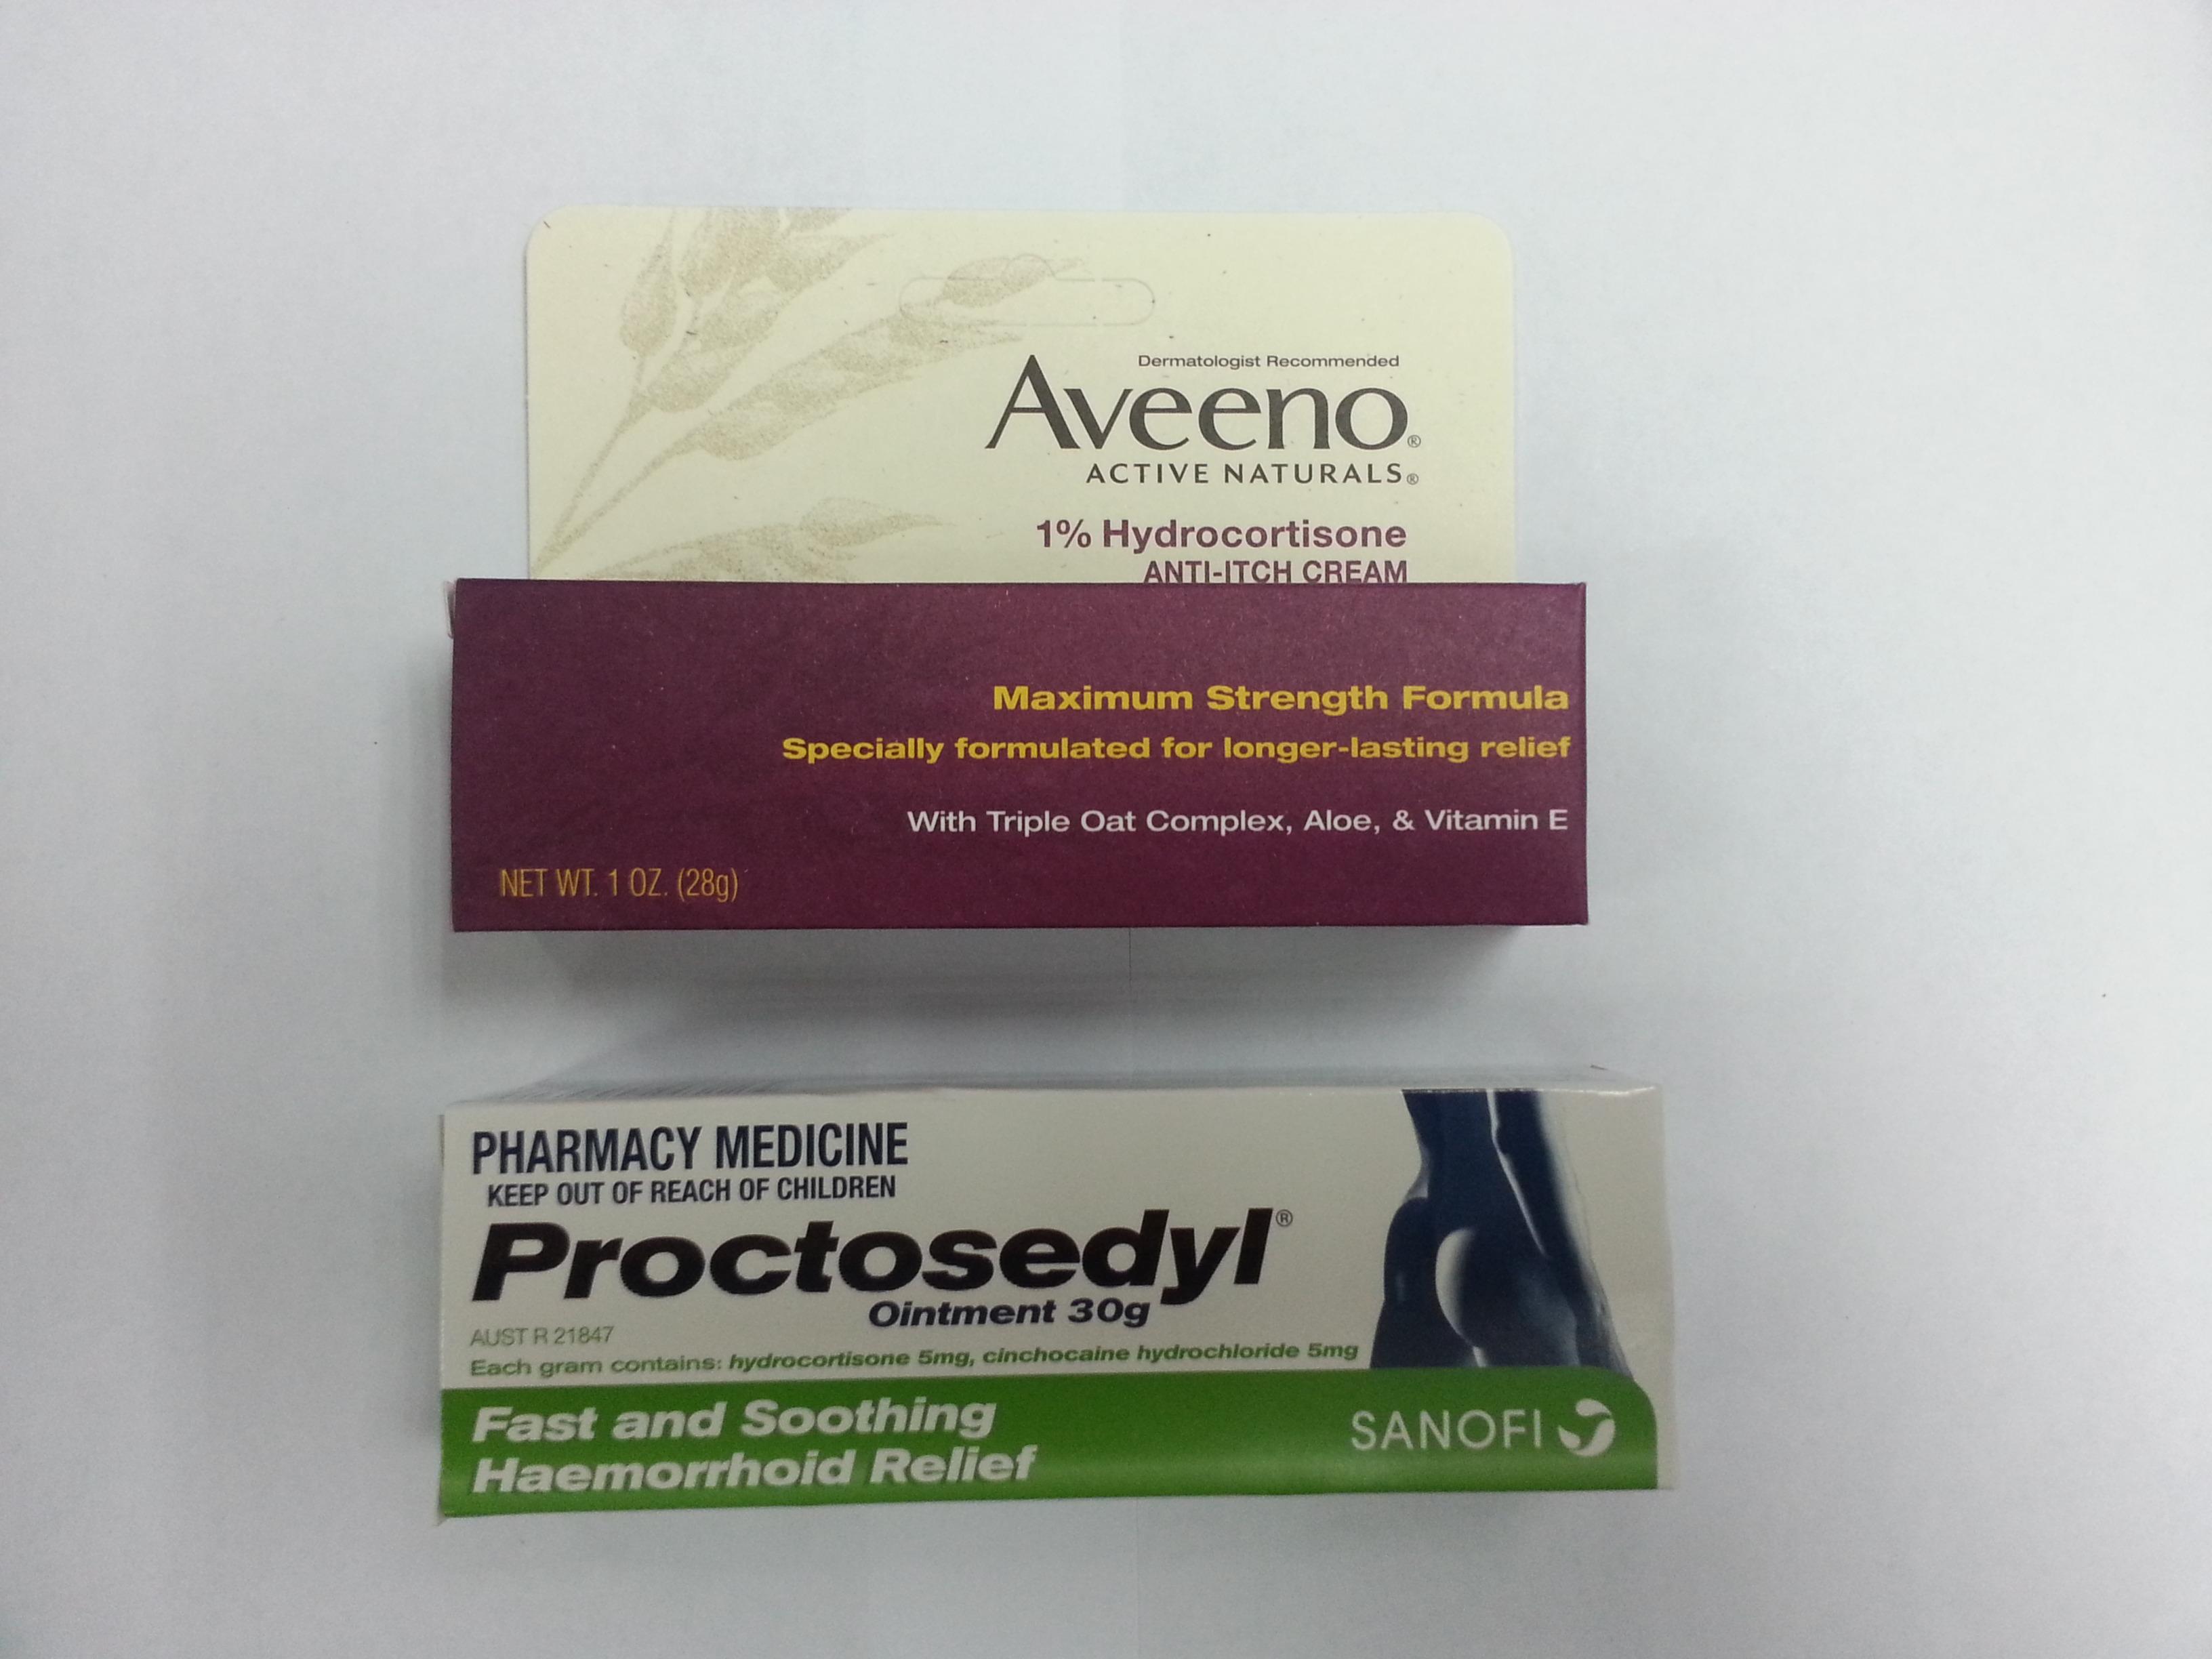 檢獲數款含有受管制成分的外用藥。衛生署圖片